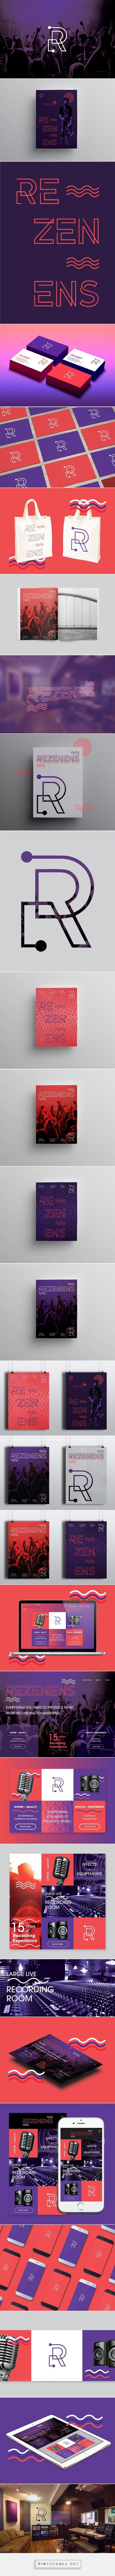 REZENENS Branding on Behance | Fivestar Branding – Design and Branding Agency…